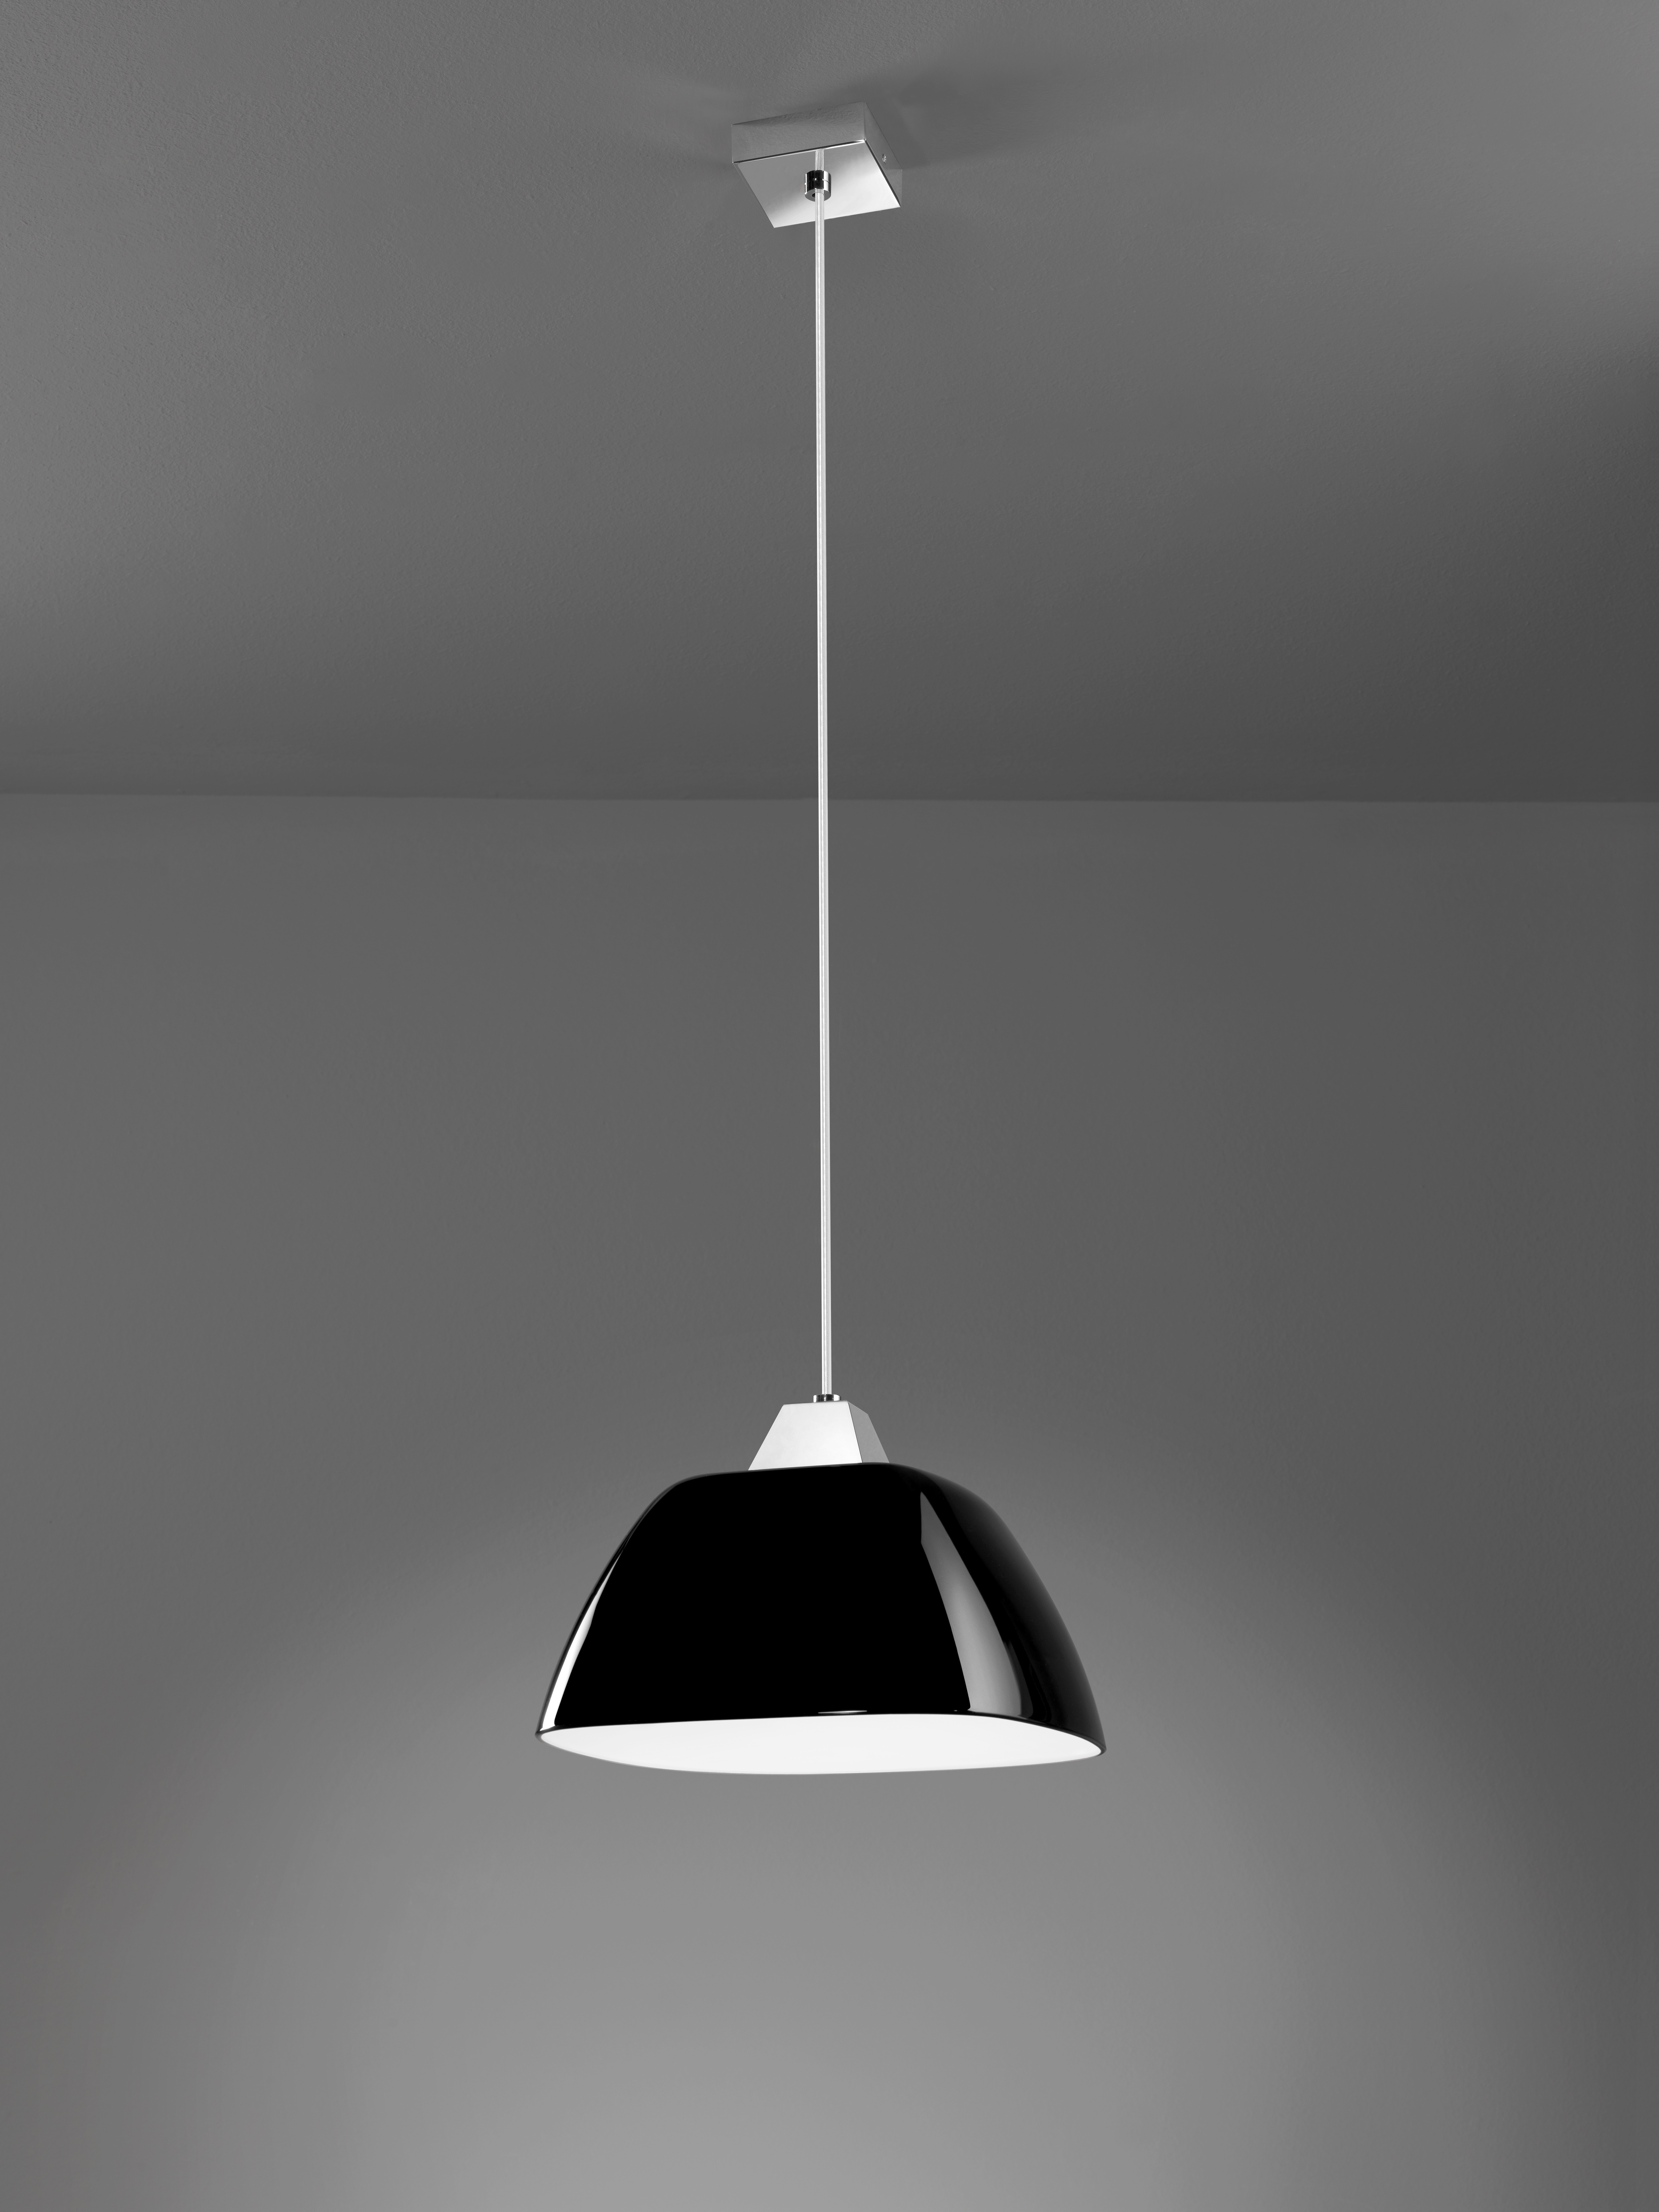 Verlichting in huis lampen en verlichting lichtplan for Lampen en verlichting